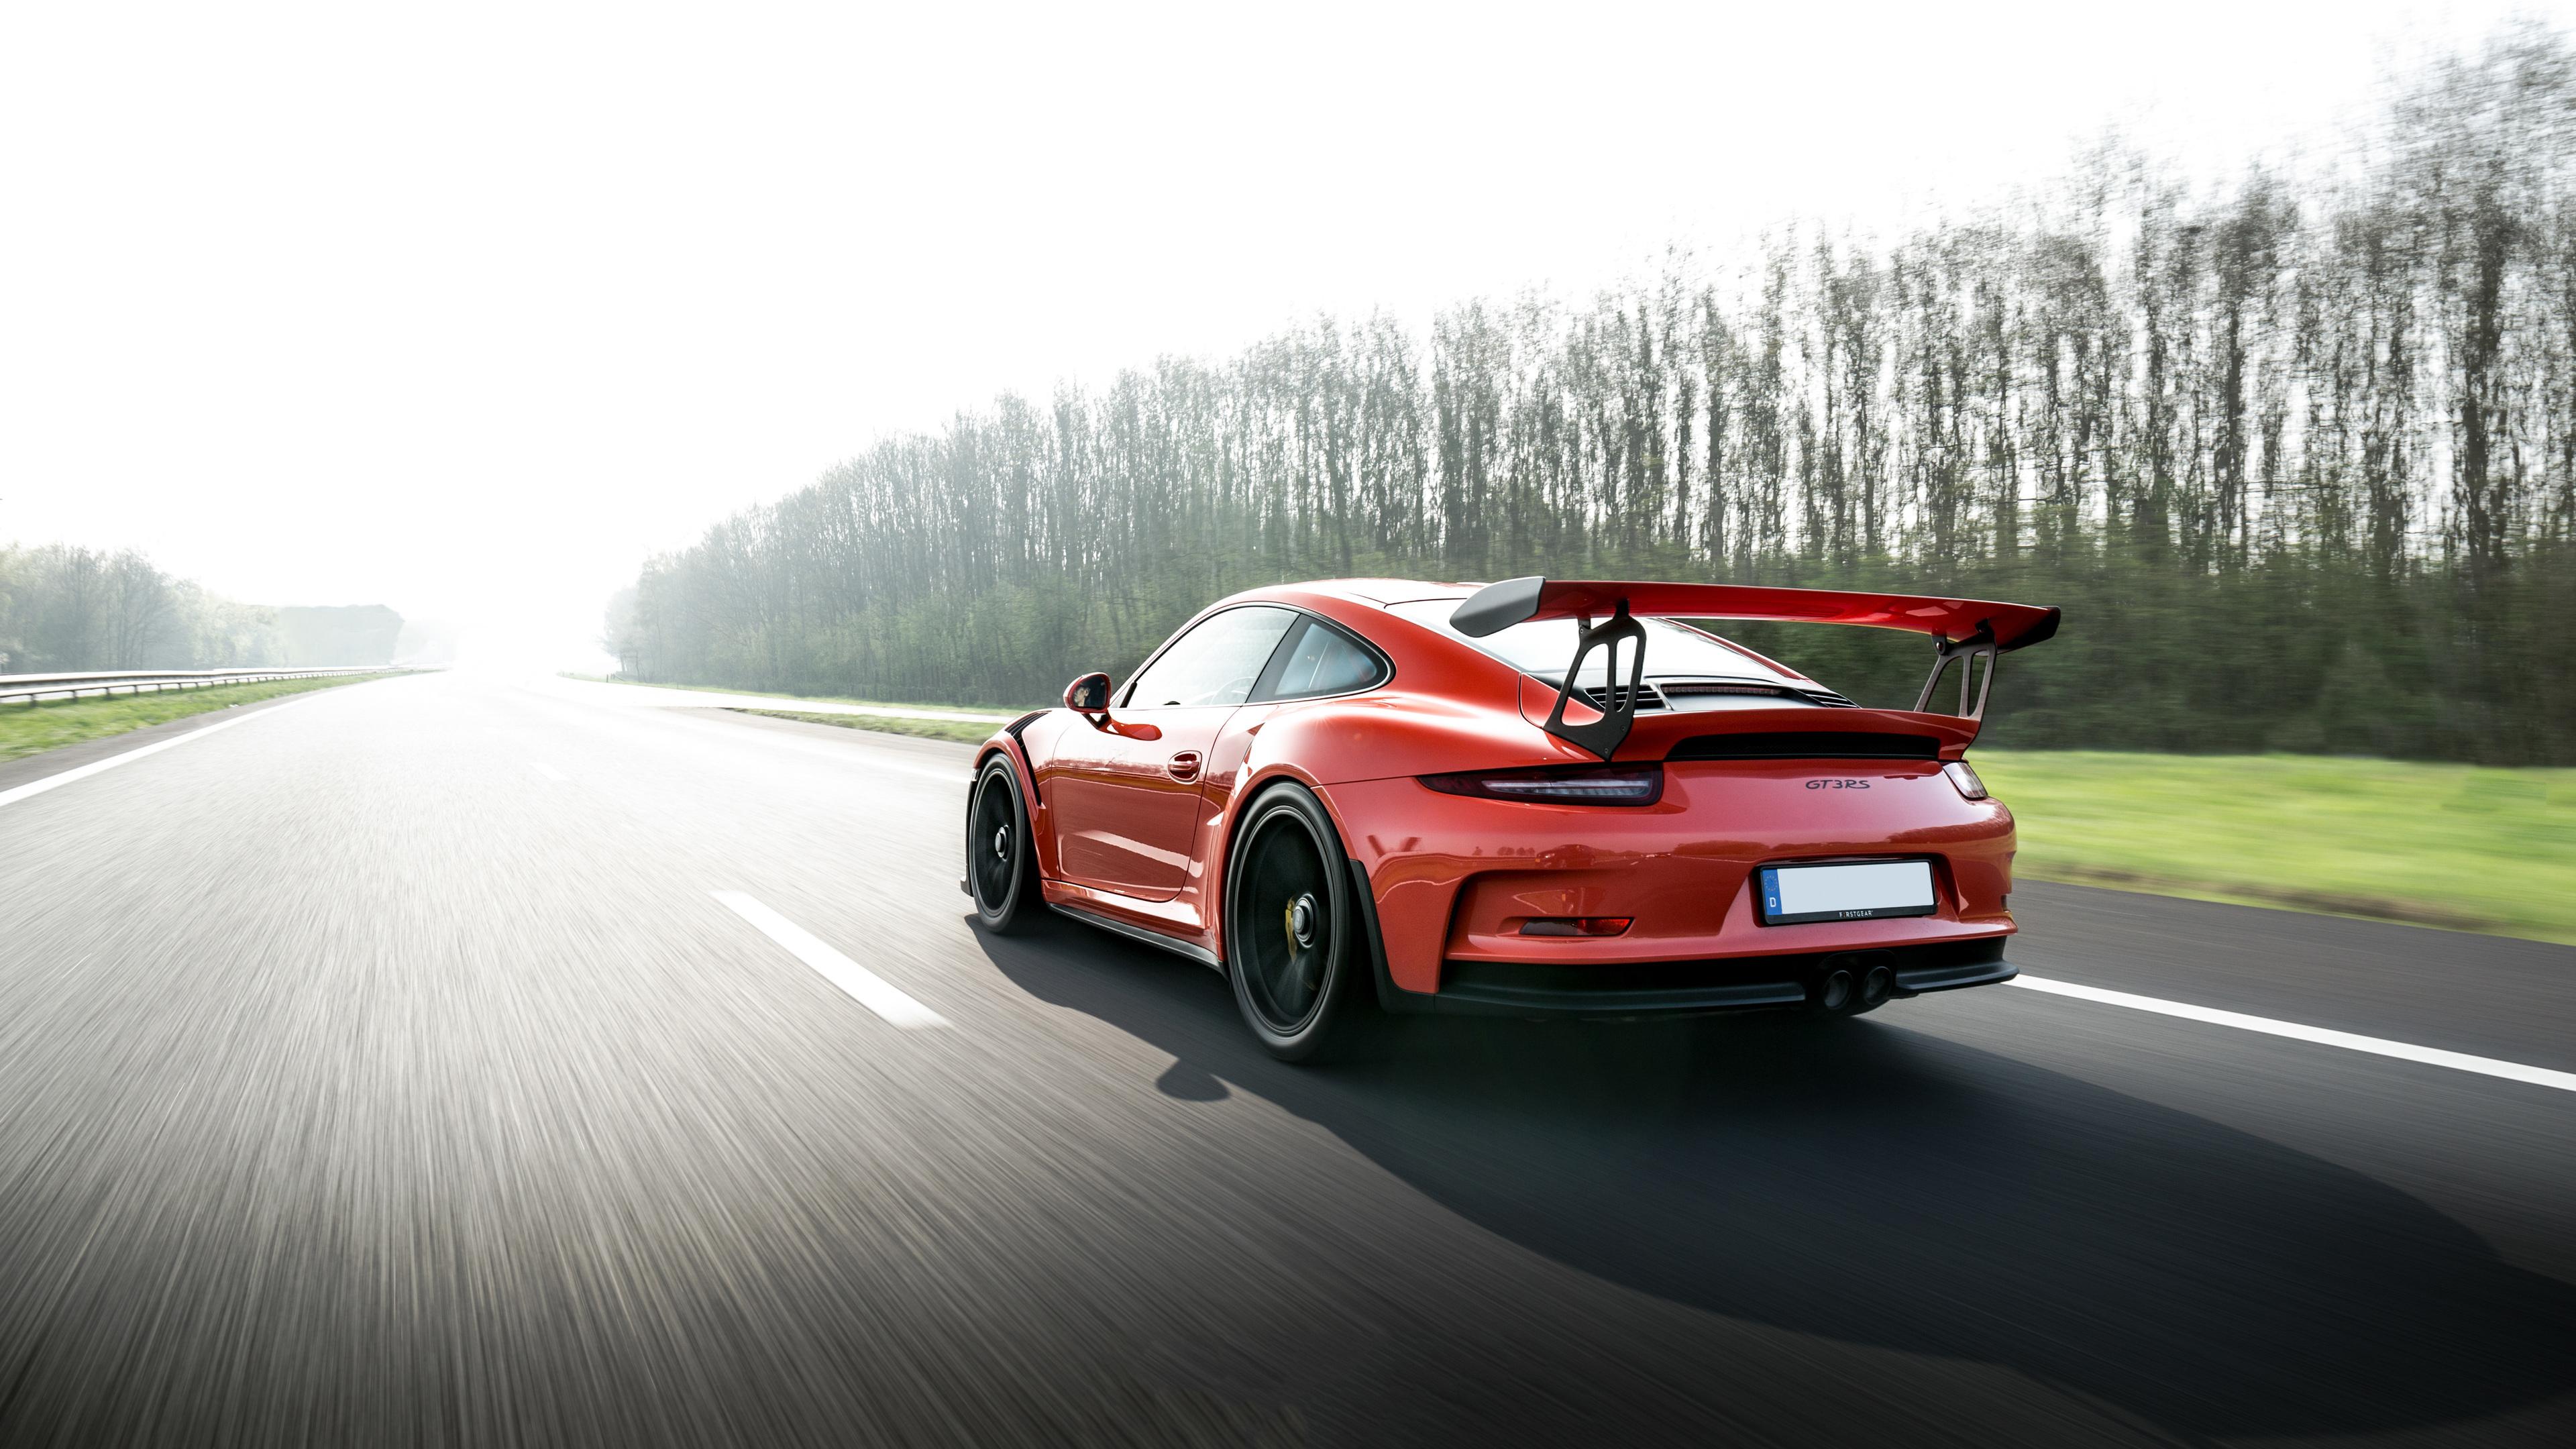 Porsche 911 GT3 RS 2018 5k Rear porsche wallpapers ...